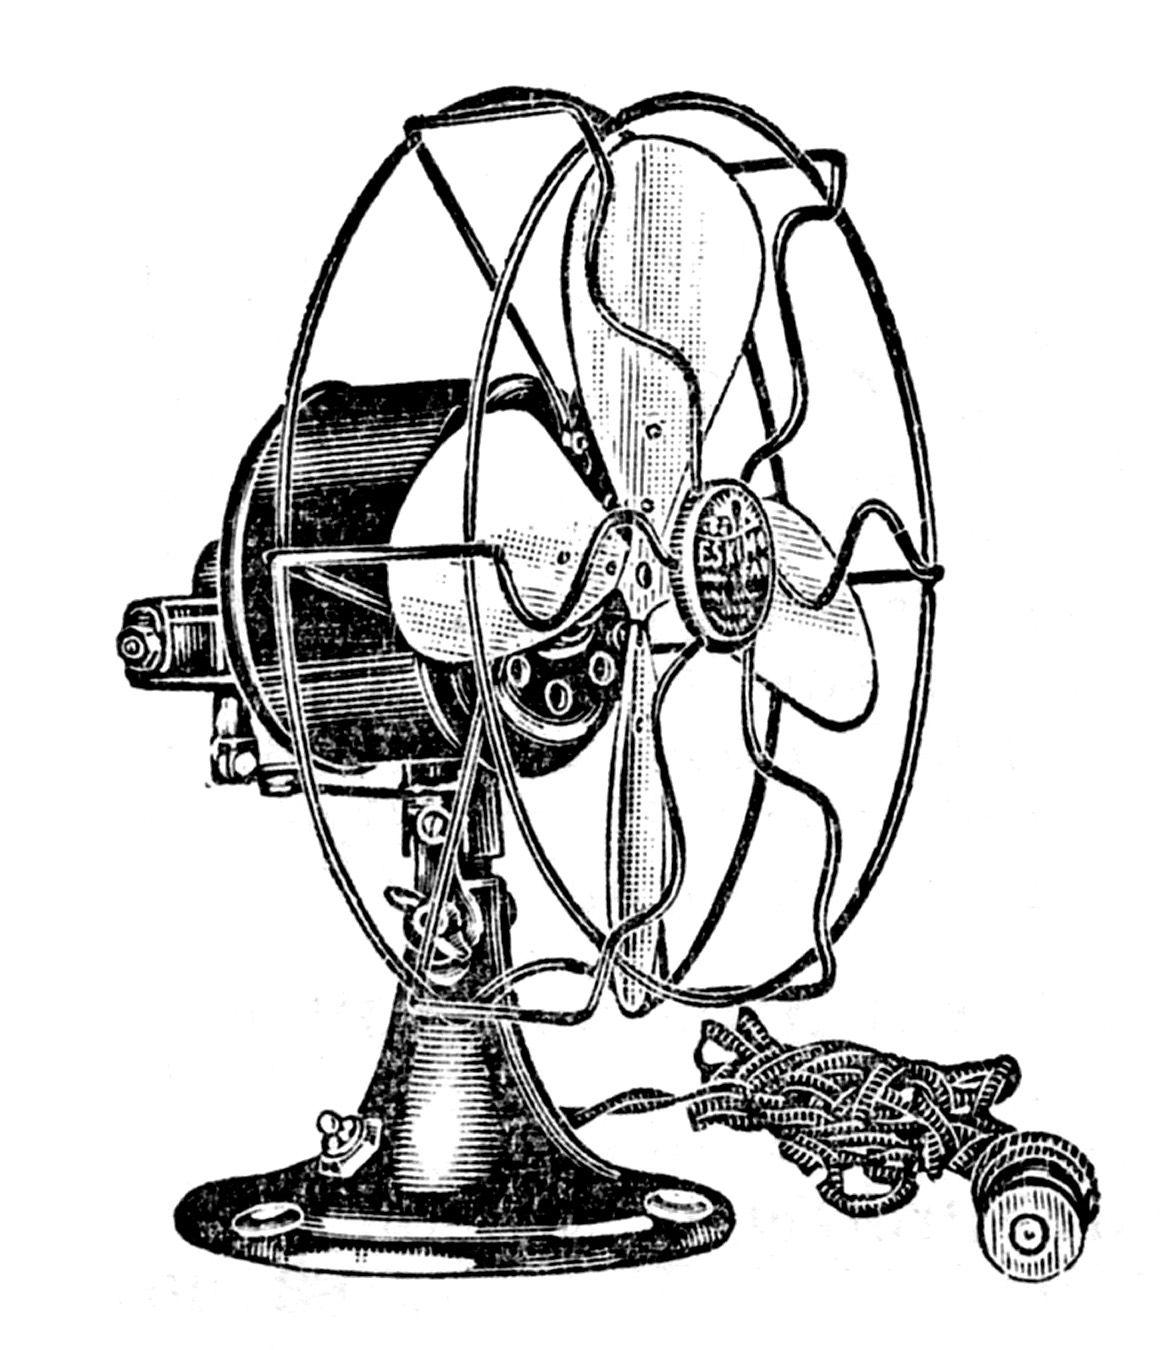 Vintage Clip Art - Electric Fans - Steampunk | Vintage Images ...